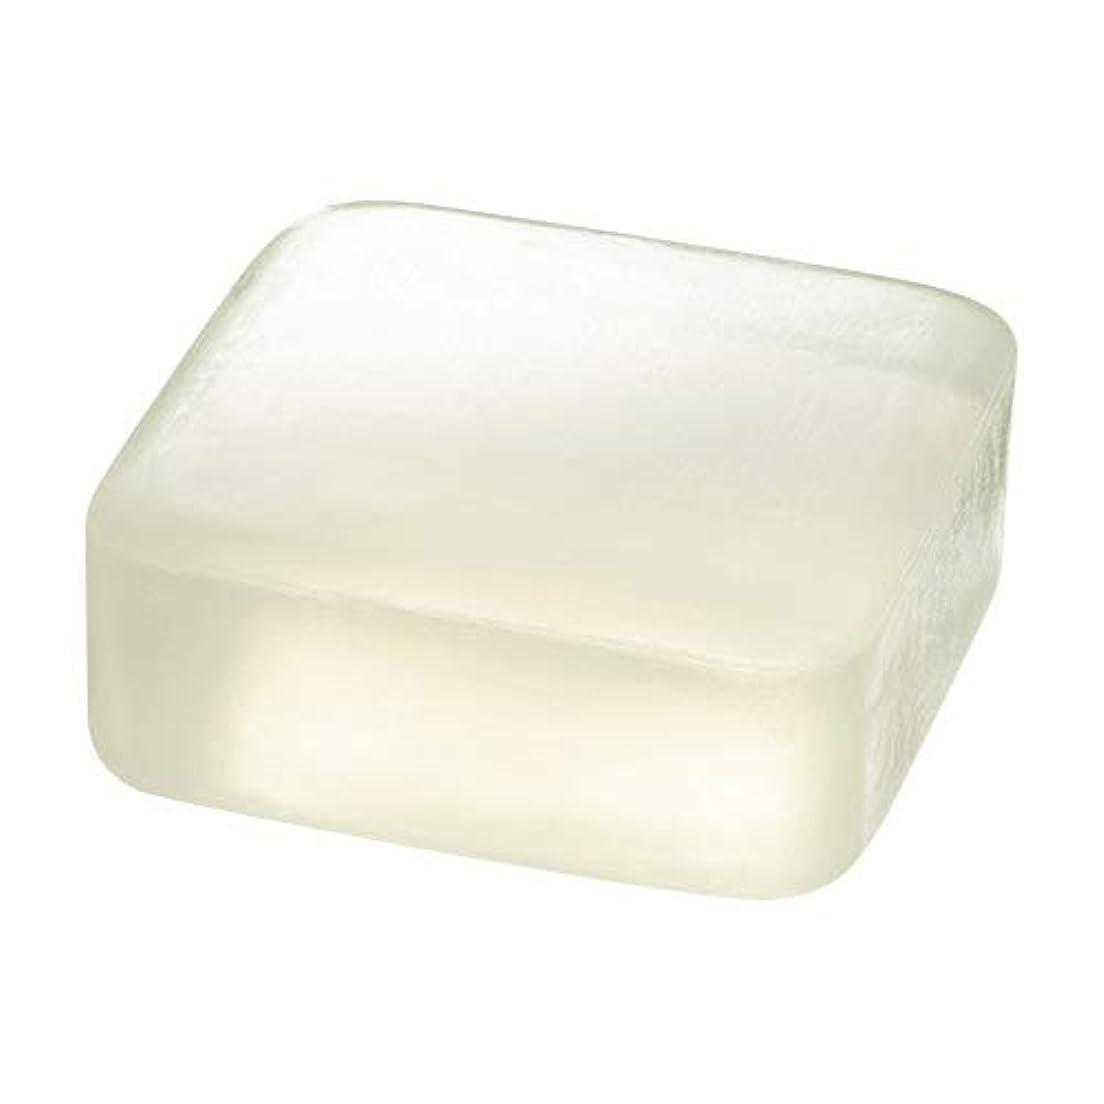 日没ペニーマイナスETVOS(エトヴォス) 洗顔せっけん クリアソープバー 80g 透明枠練り石鹸 セラミド 濃密泡 毛穴汚れ/黒ずみ